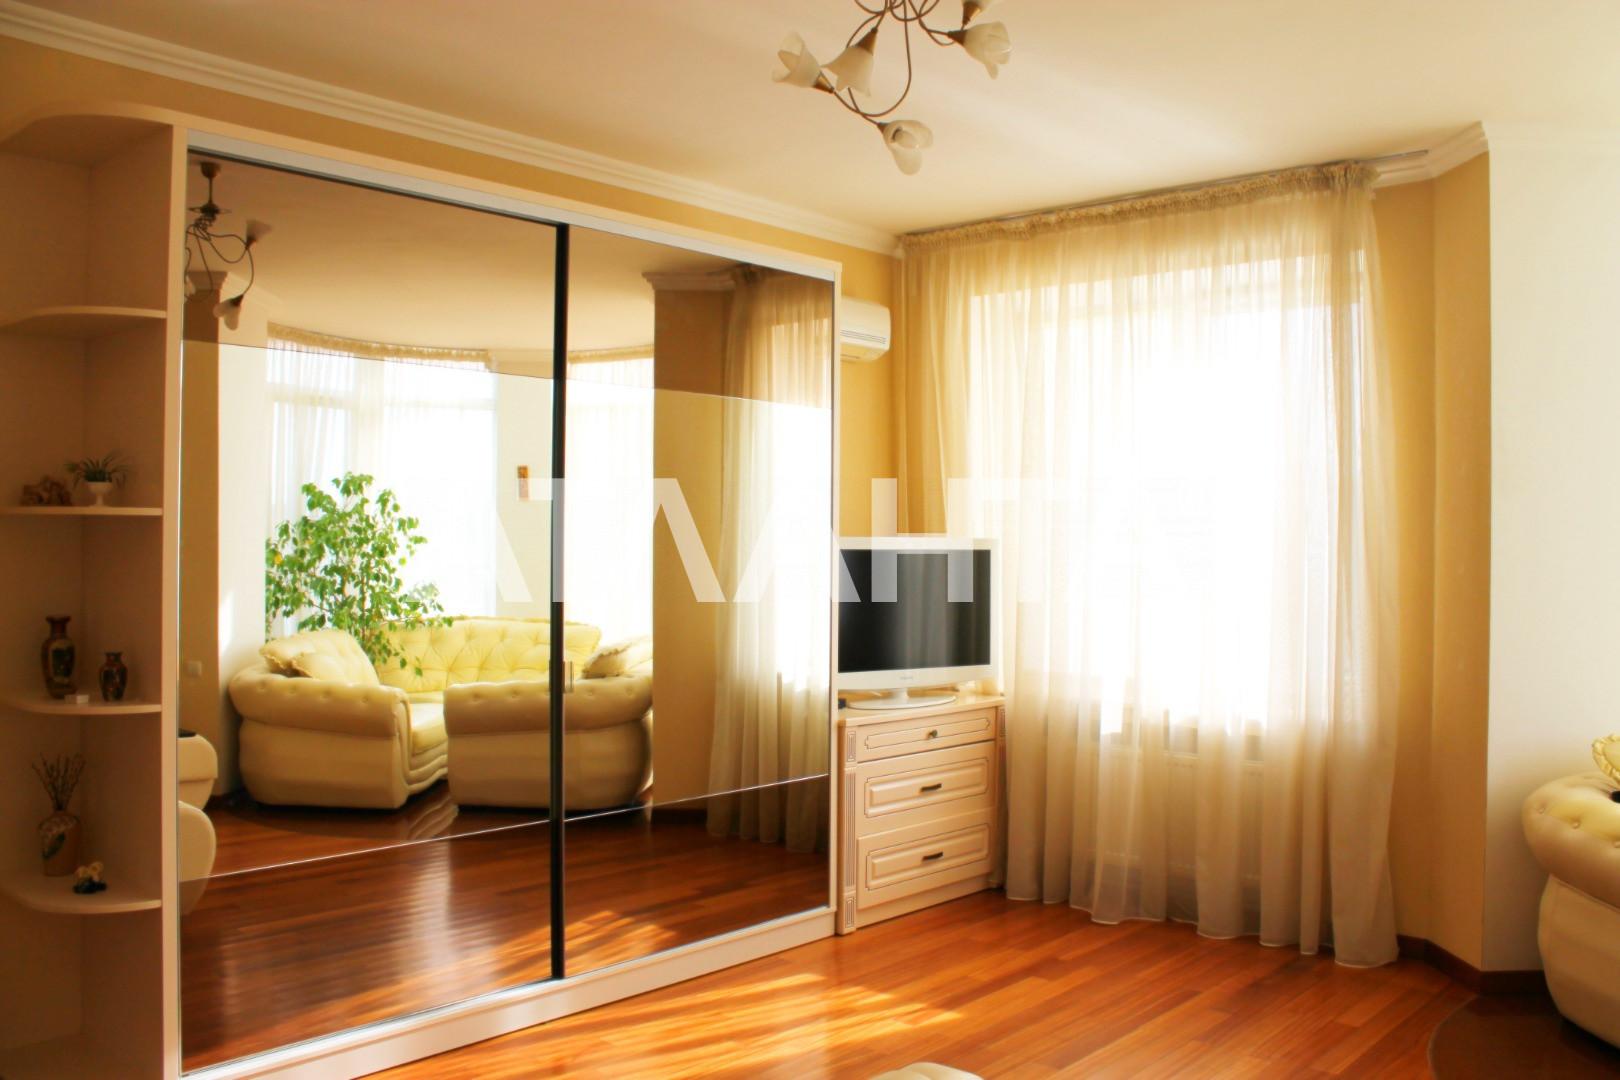 Продается 2-комнатная Квартира на ул. Фонтанская Дор. (Перекопской Дивизии) — 300 000 у.е. (фото №4)